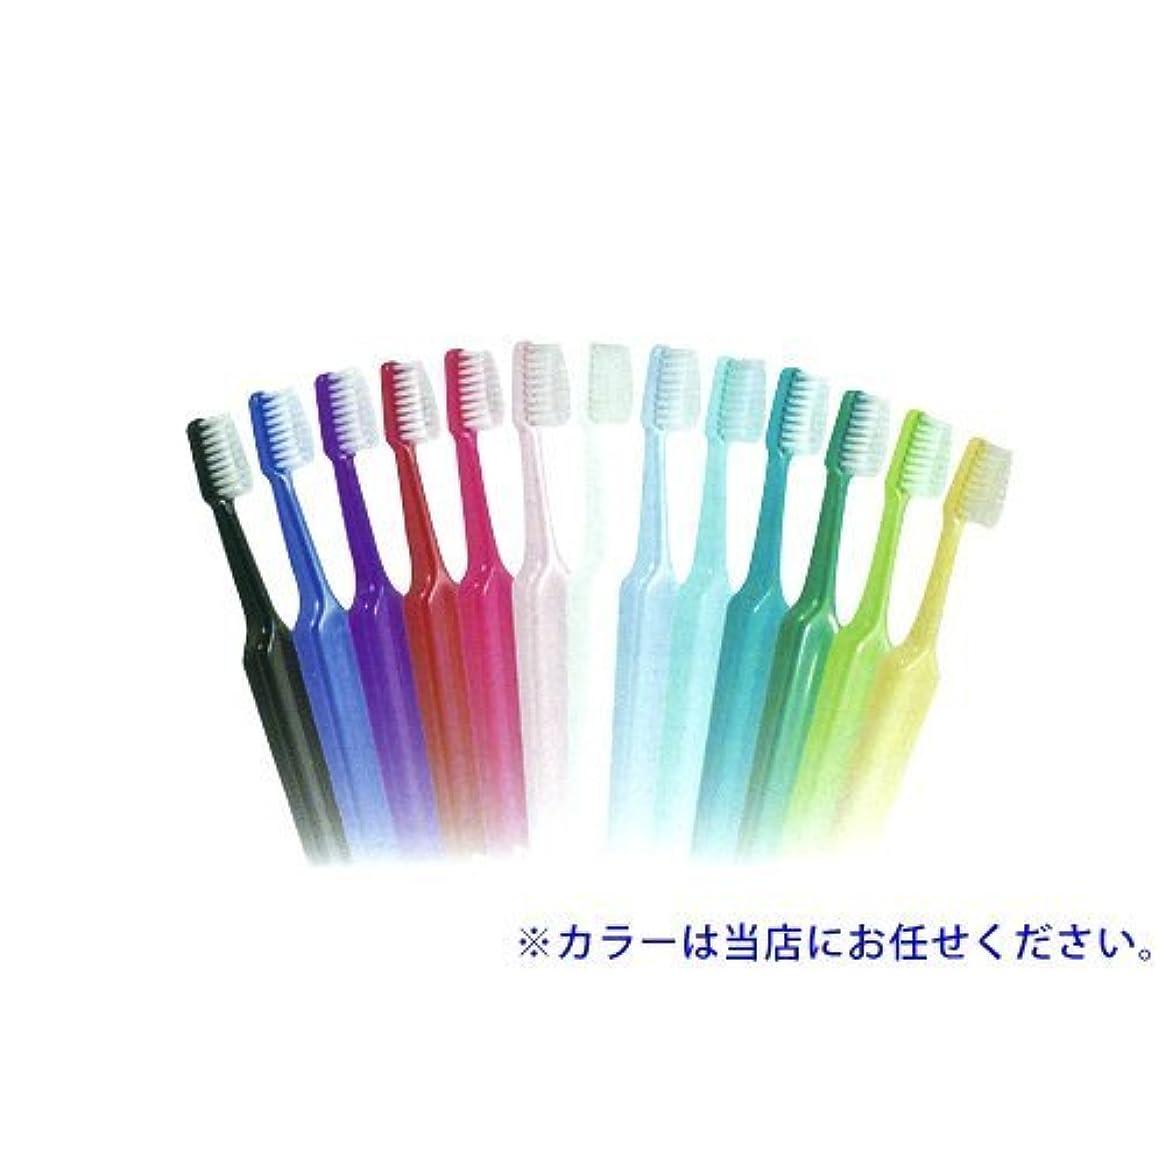 アグネスグレイ繁栄病気だと思うTepe歯ブラシ セレクトミニ/ソフト 25本/箱